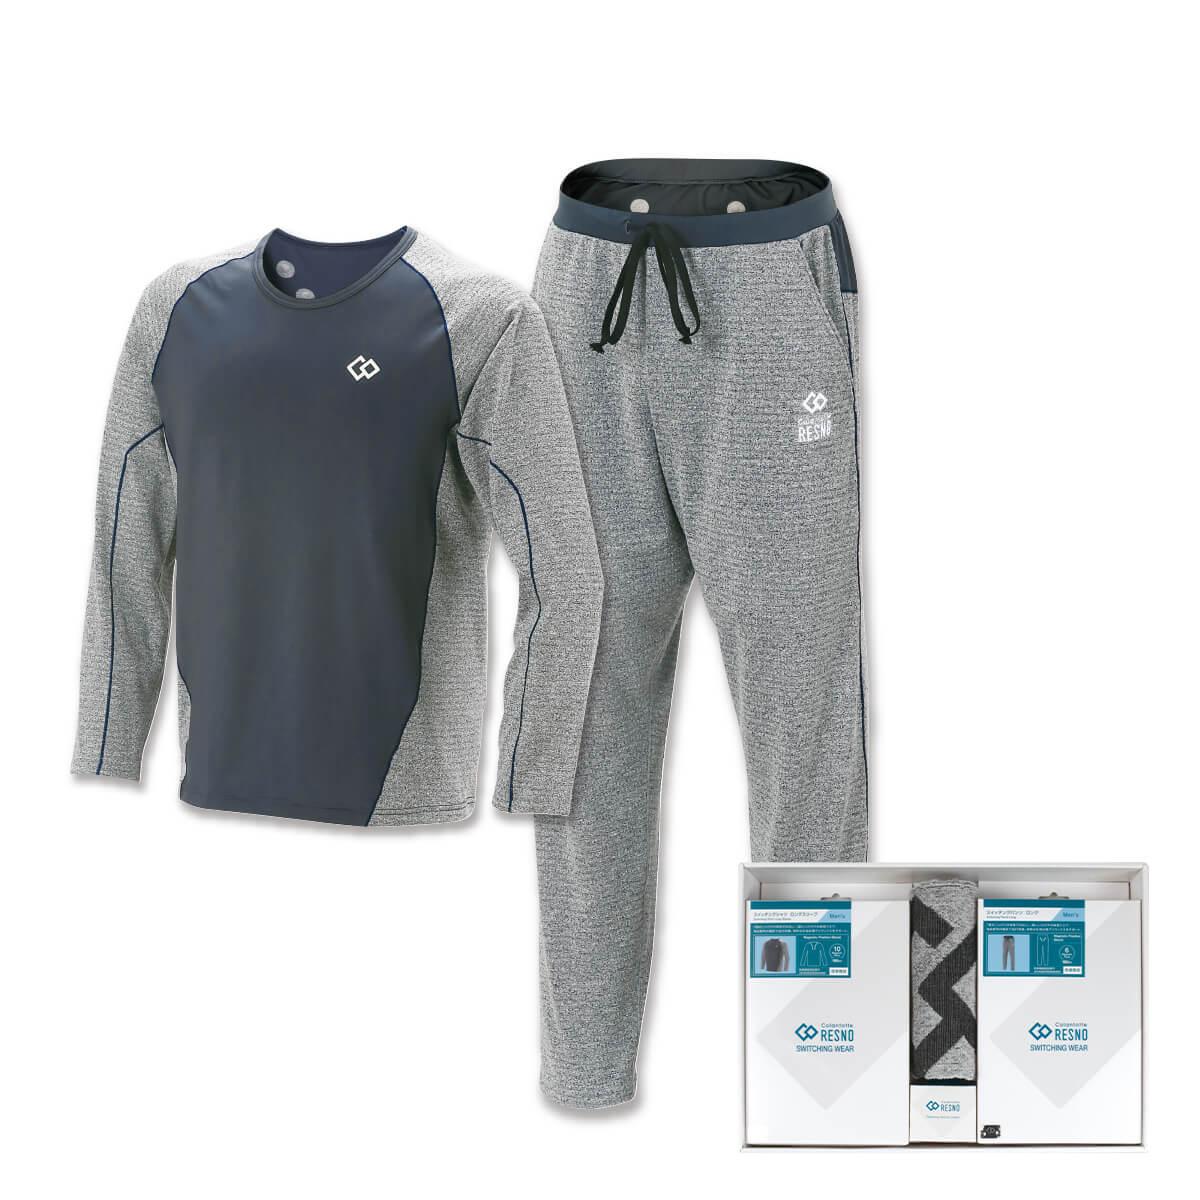 コラントッテRESNO スイッチングシャツ & パンツセット MEN'S(ロング × ロング)